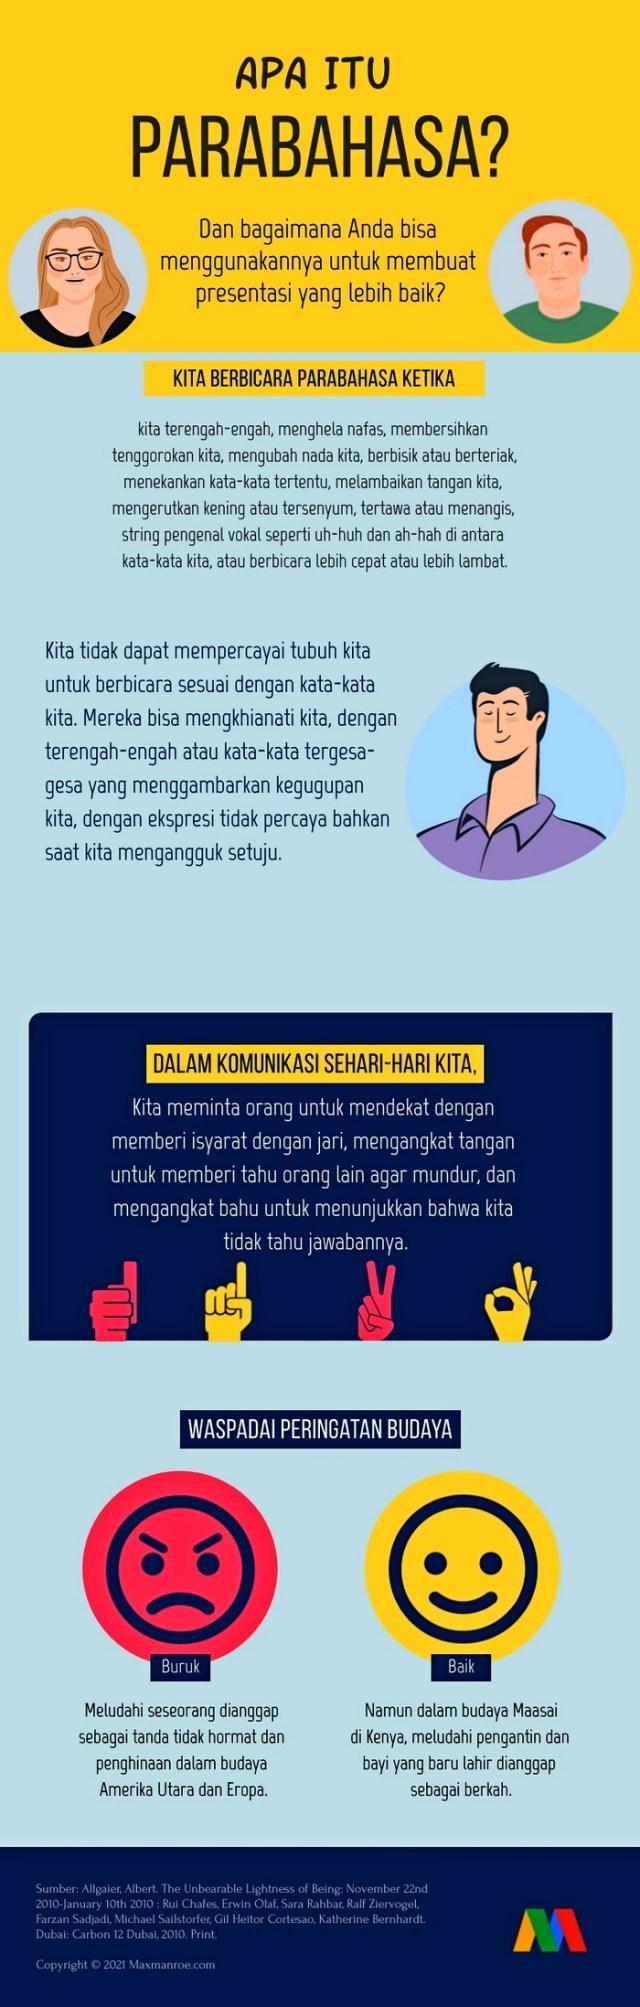 Contoh Infografis